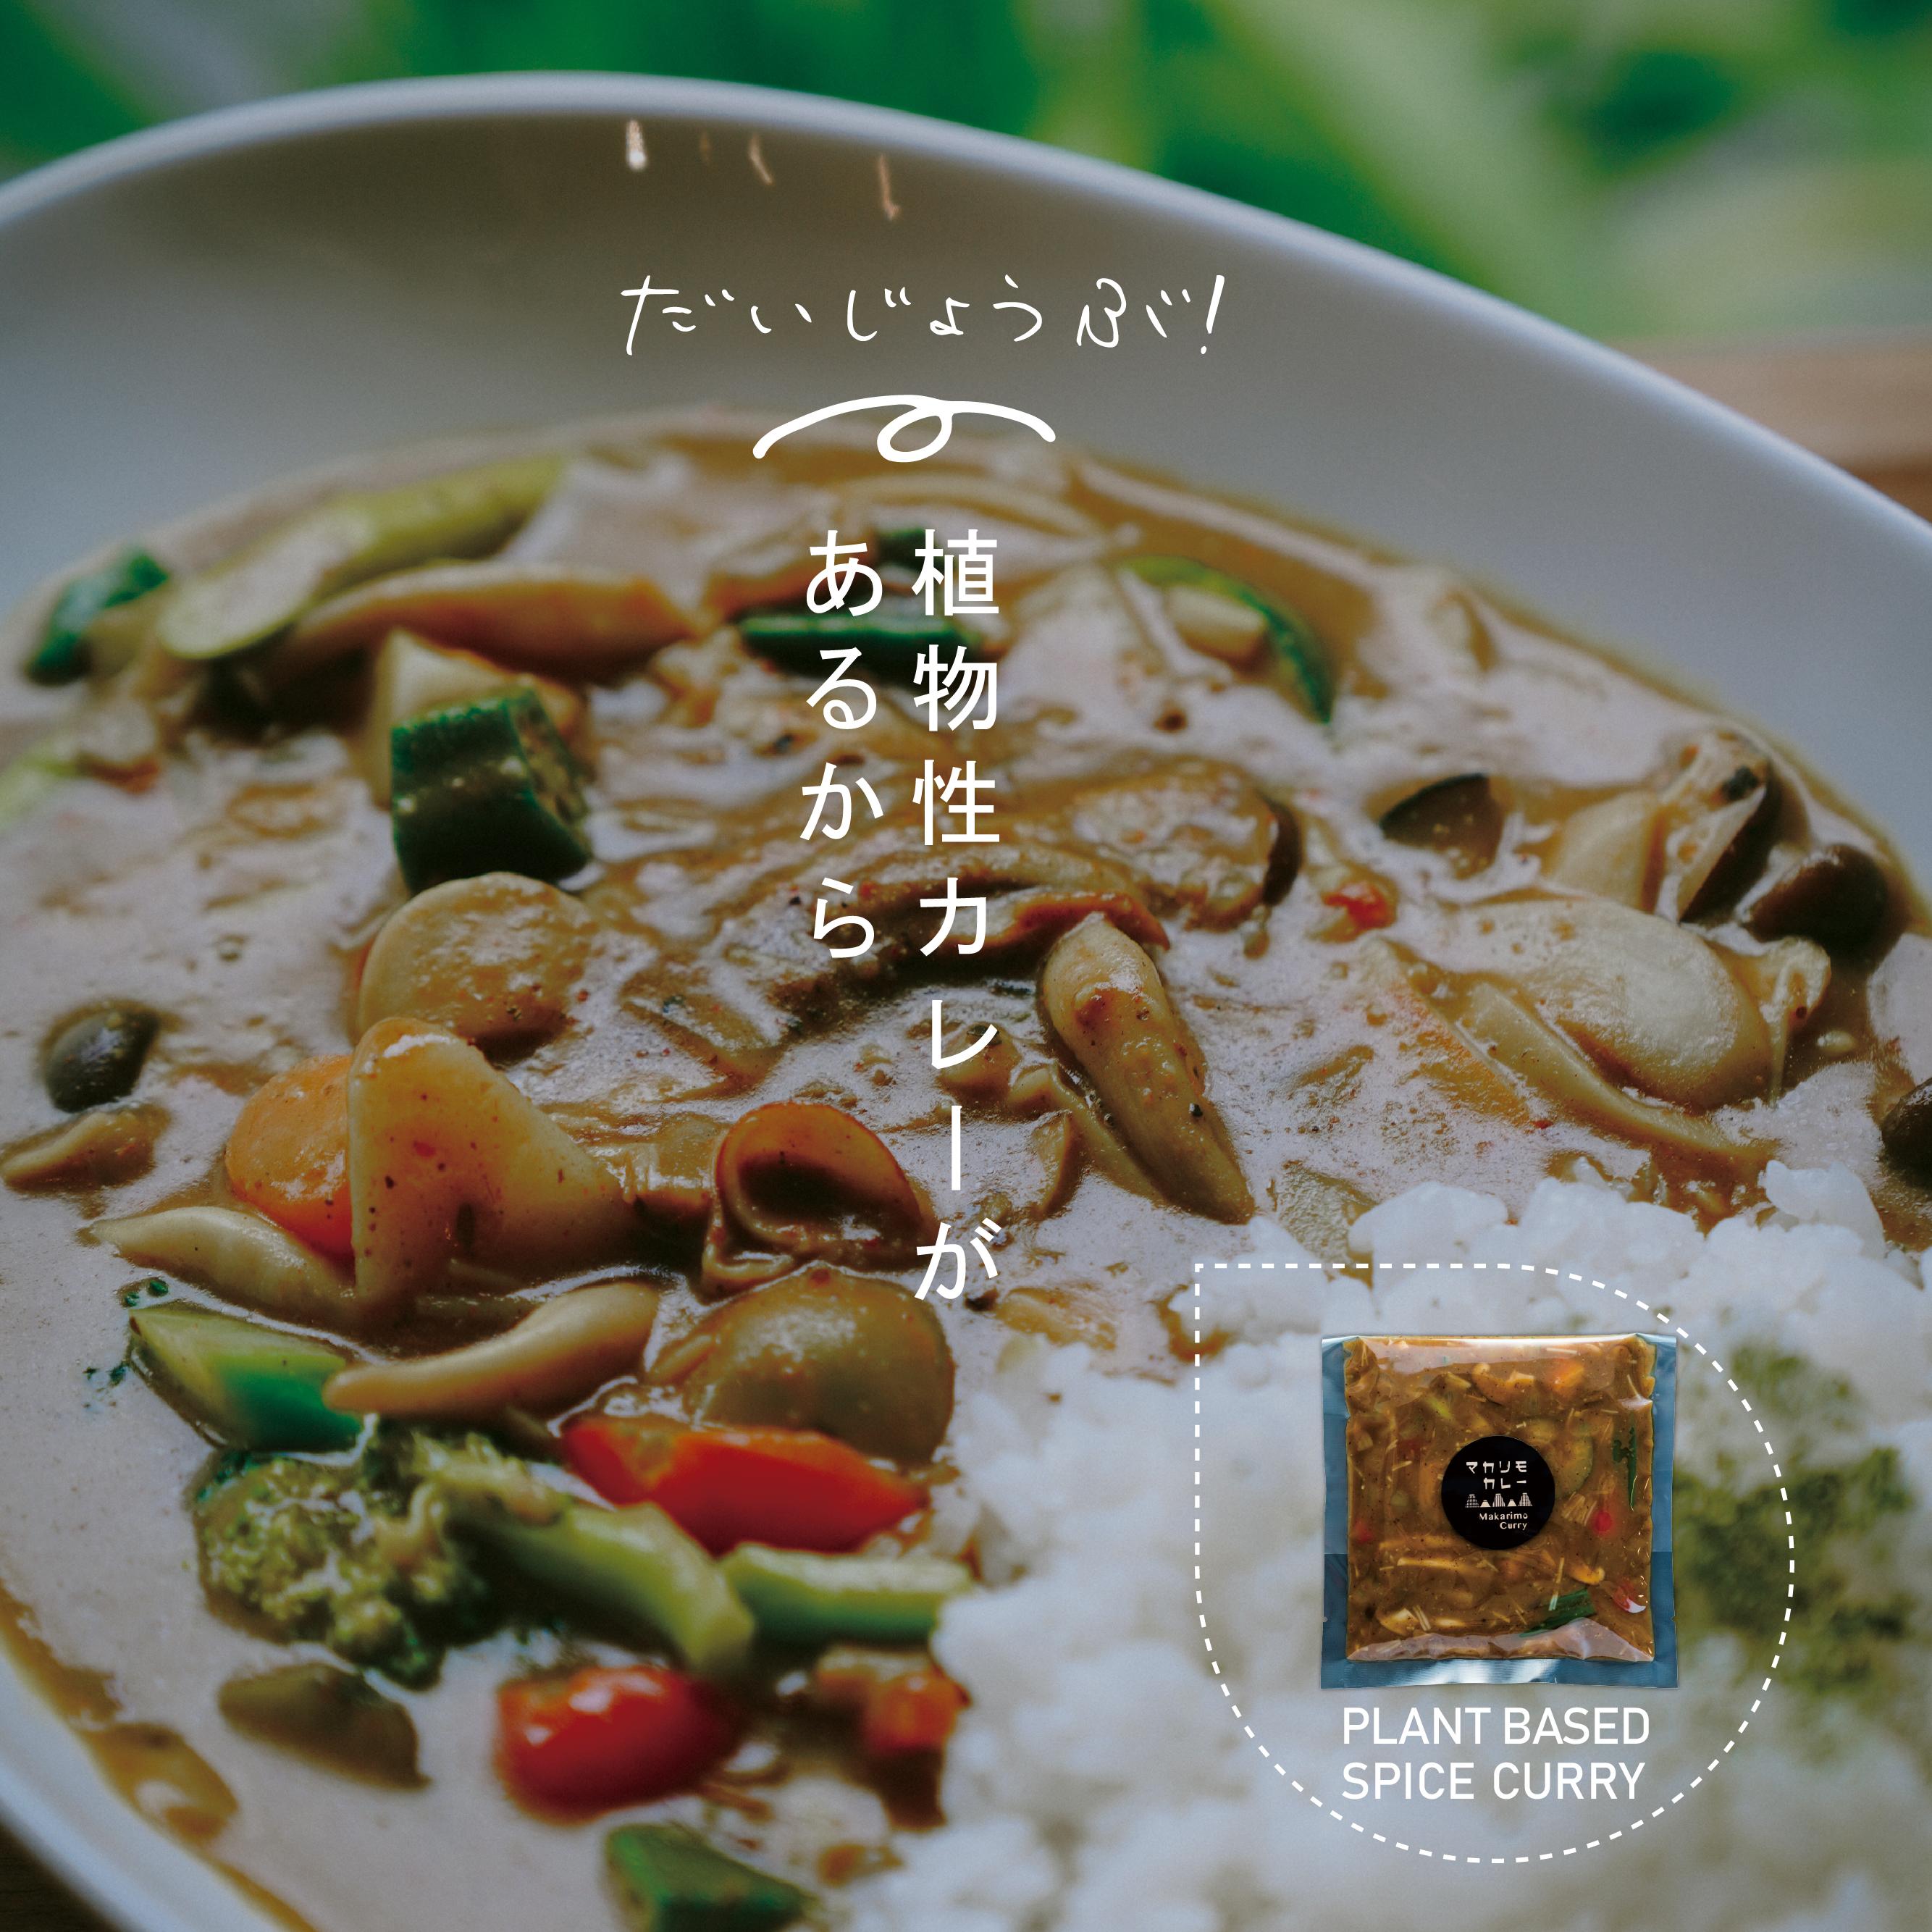 冷凍カレールウ / 単品(10点以内)